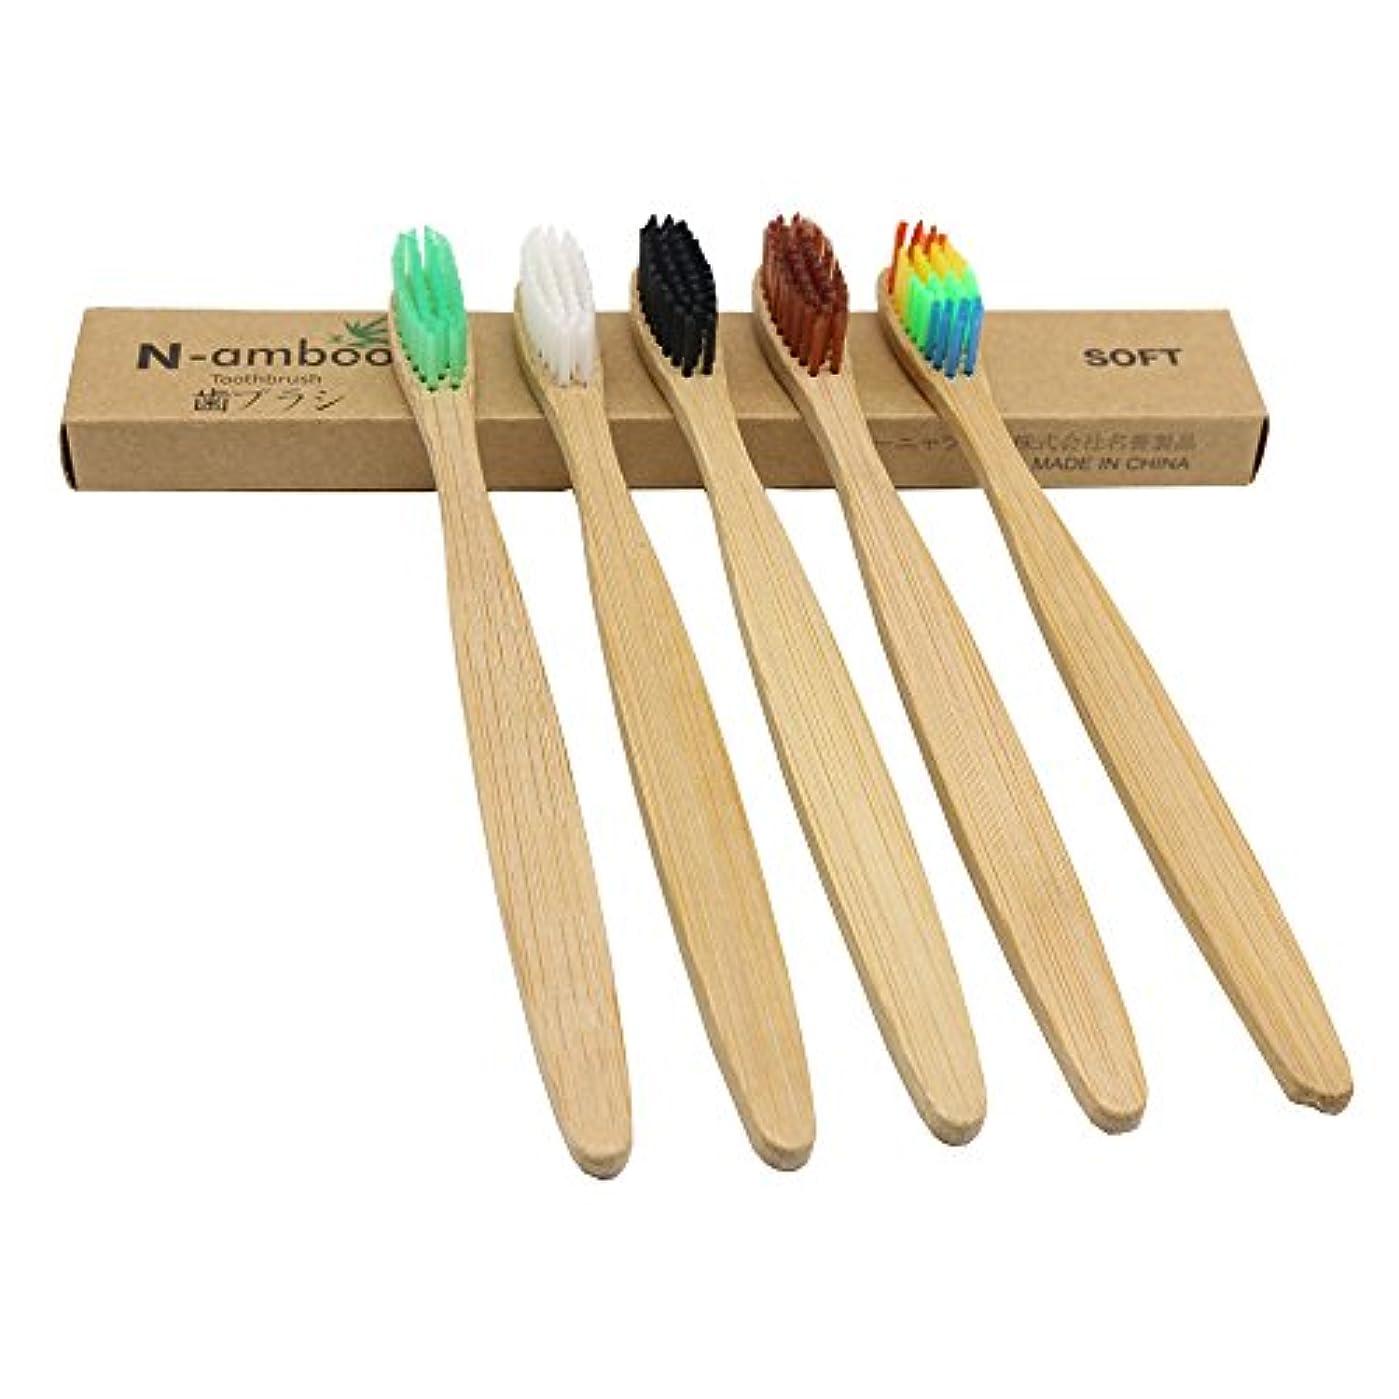 発見征服者まっすぐにするN-amboo 竹製 歯ブラシ 高耐久性 5種類 セット エコ 軽量 5本入り